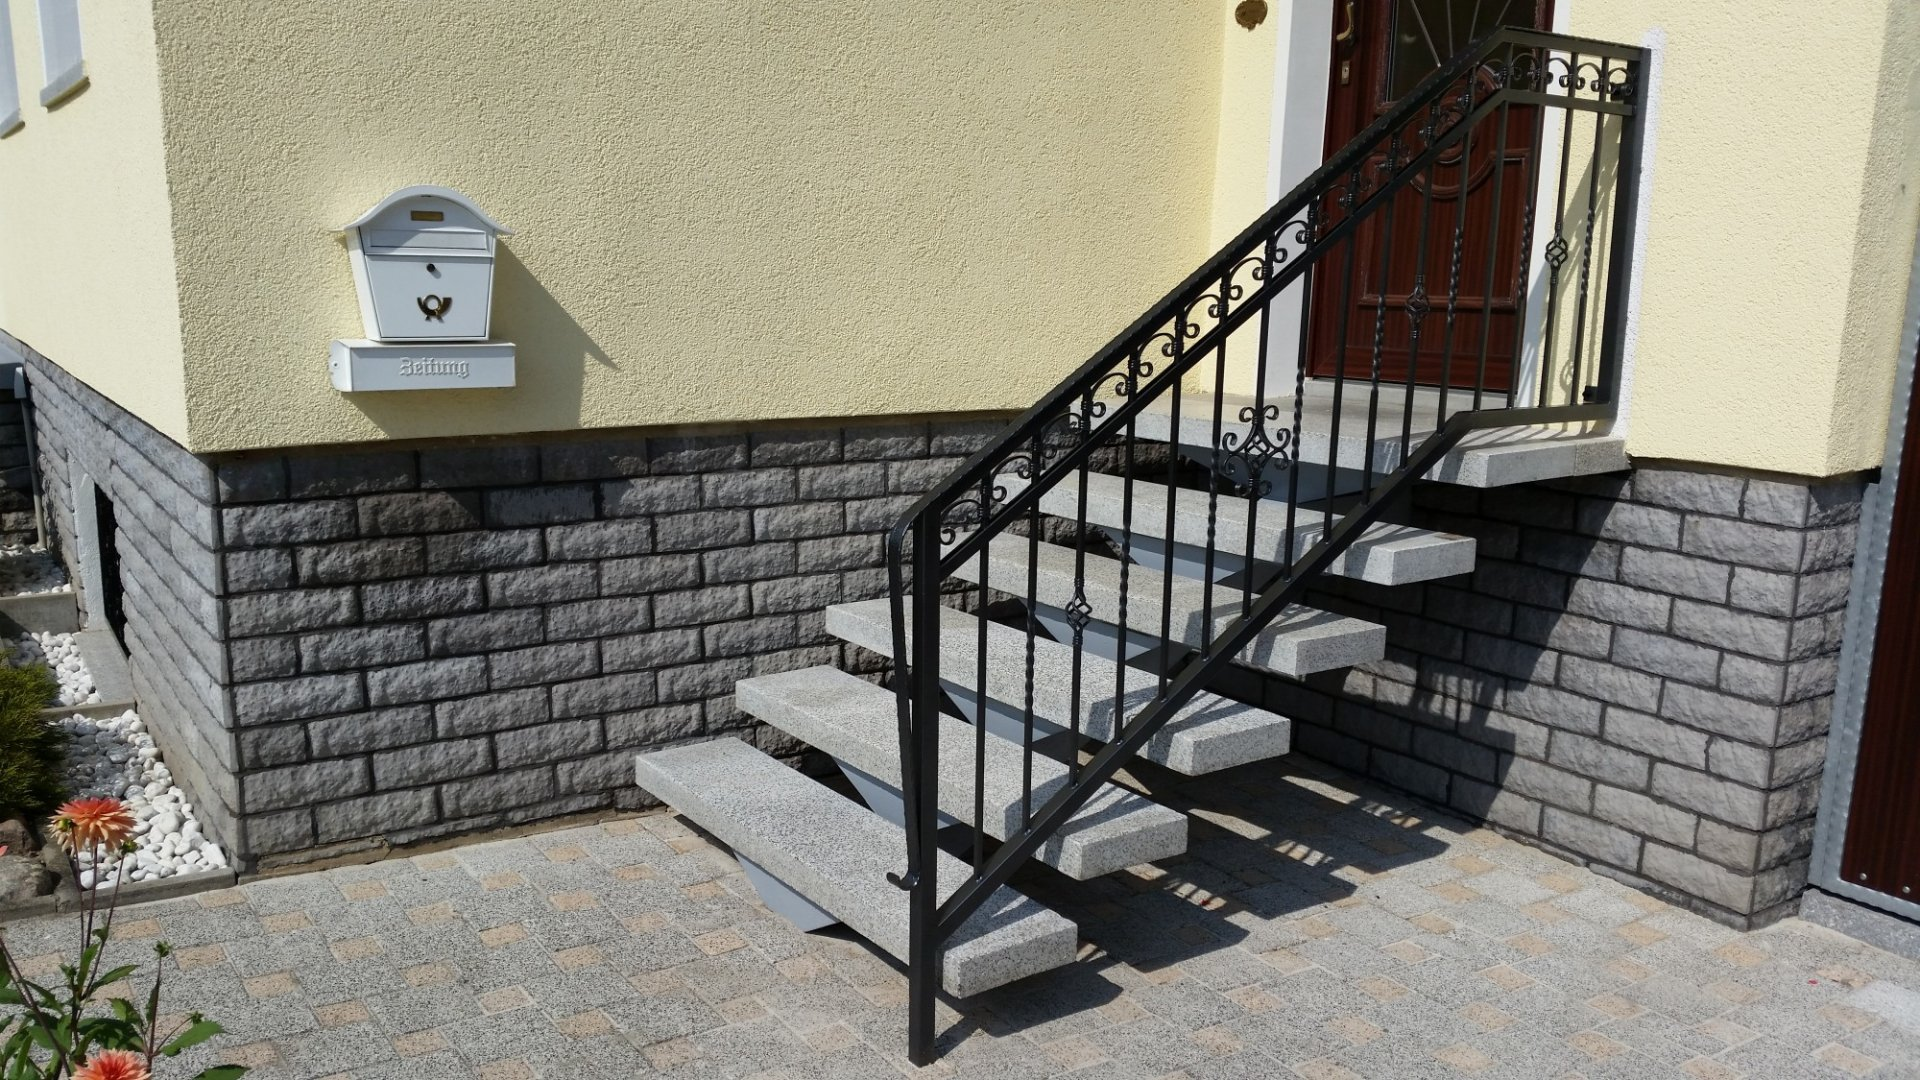 Elegant Metallzäune Bilder Das Beste Von Mk - Treppengeländer - 2